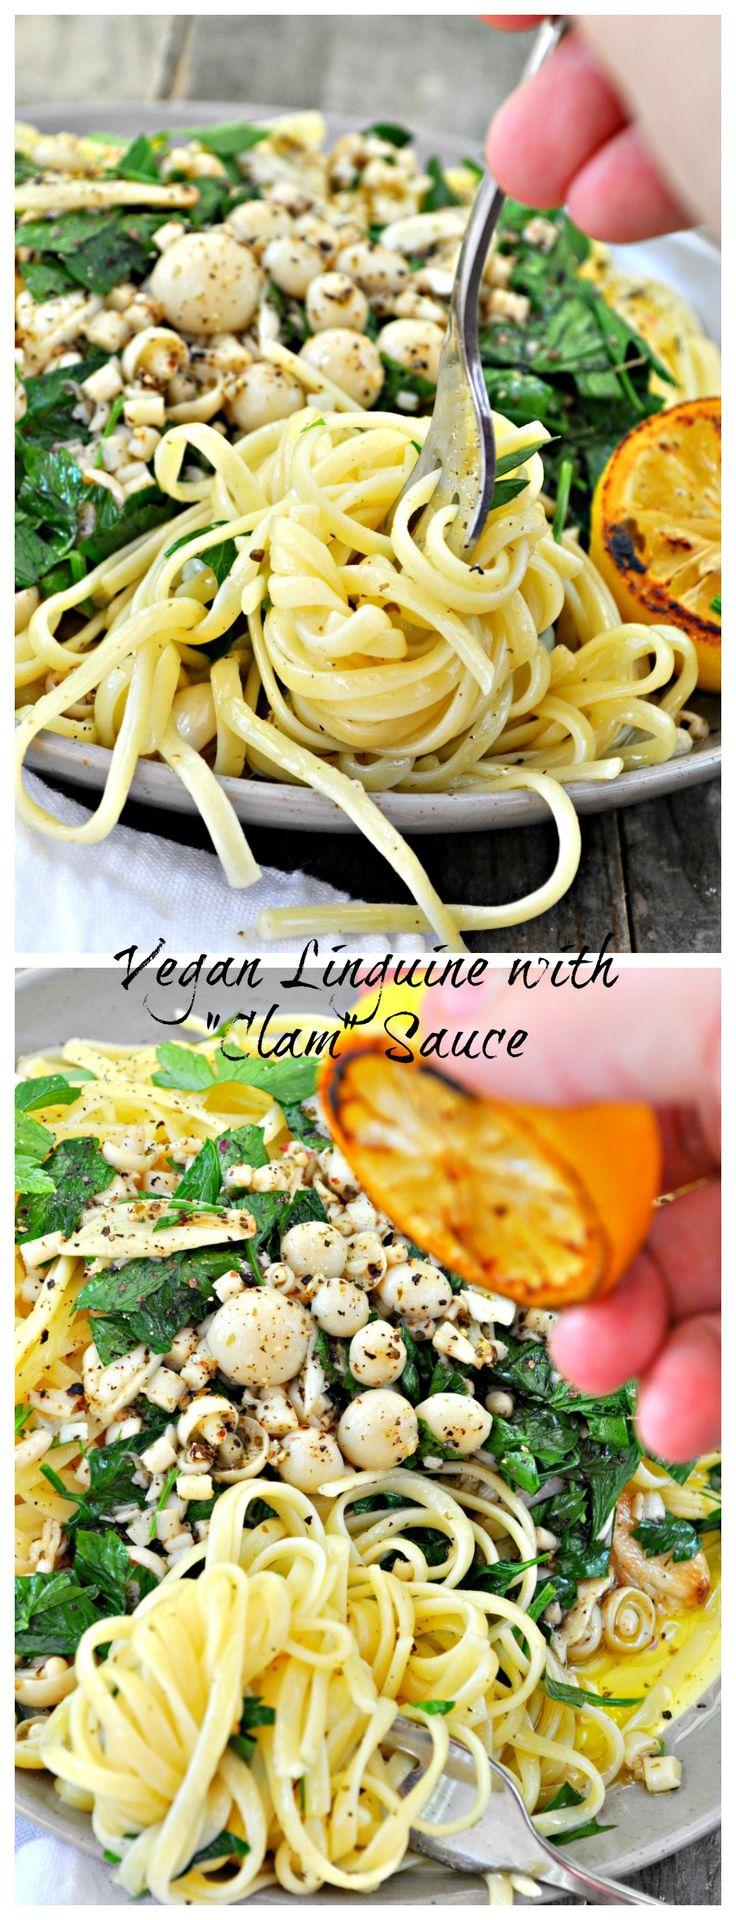 Vegan Linguine with Clam Sauce